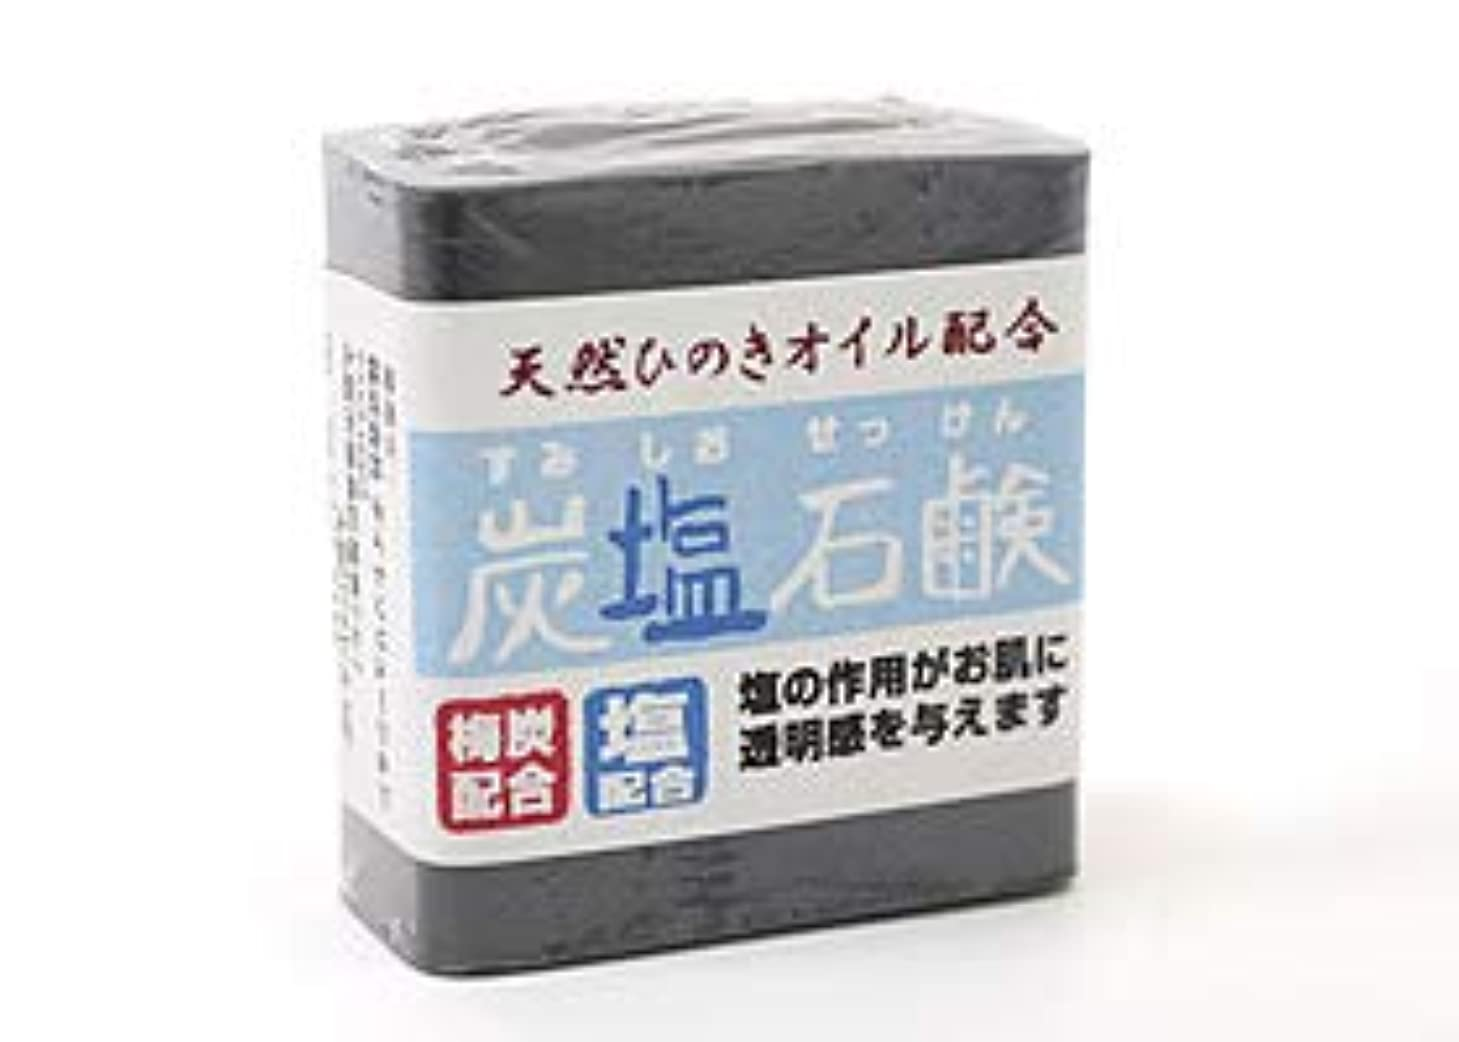 店員簡略化するダルセット炭塩石鹸 ハーフサイズ 【 天然ひのきオイル配合】